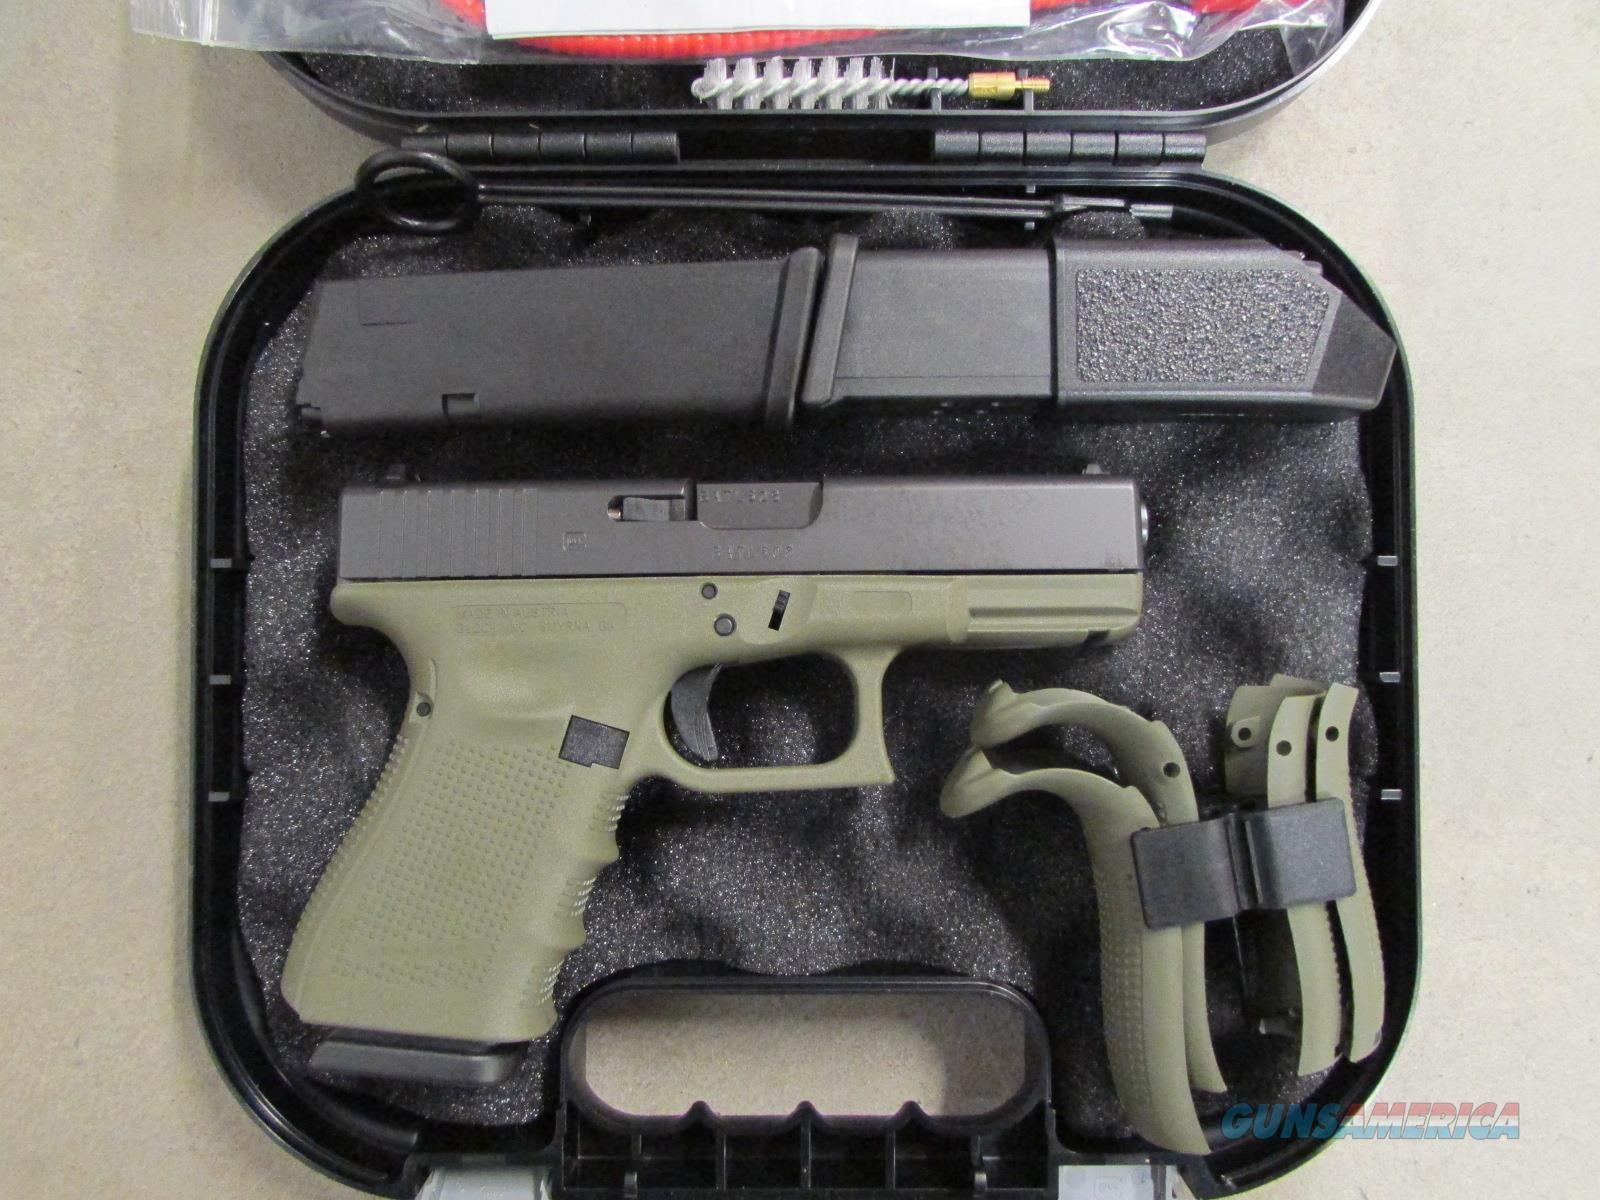 Glock 23 G23 Gen4 Battlefield Green Frame .40 S&W PG235... Loading ...